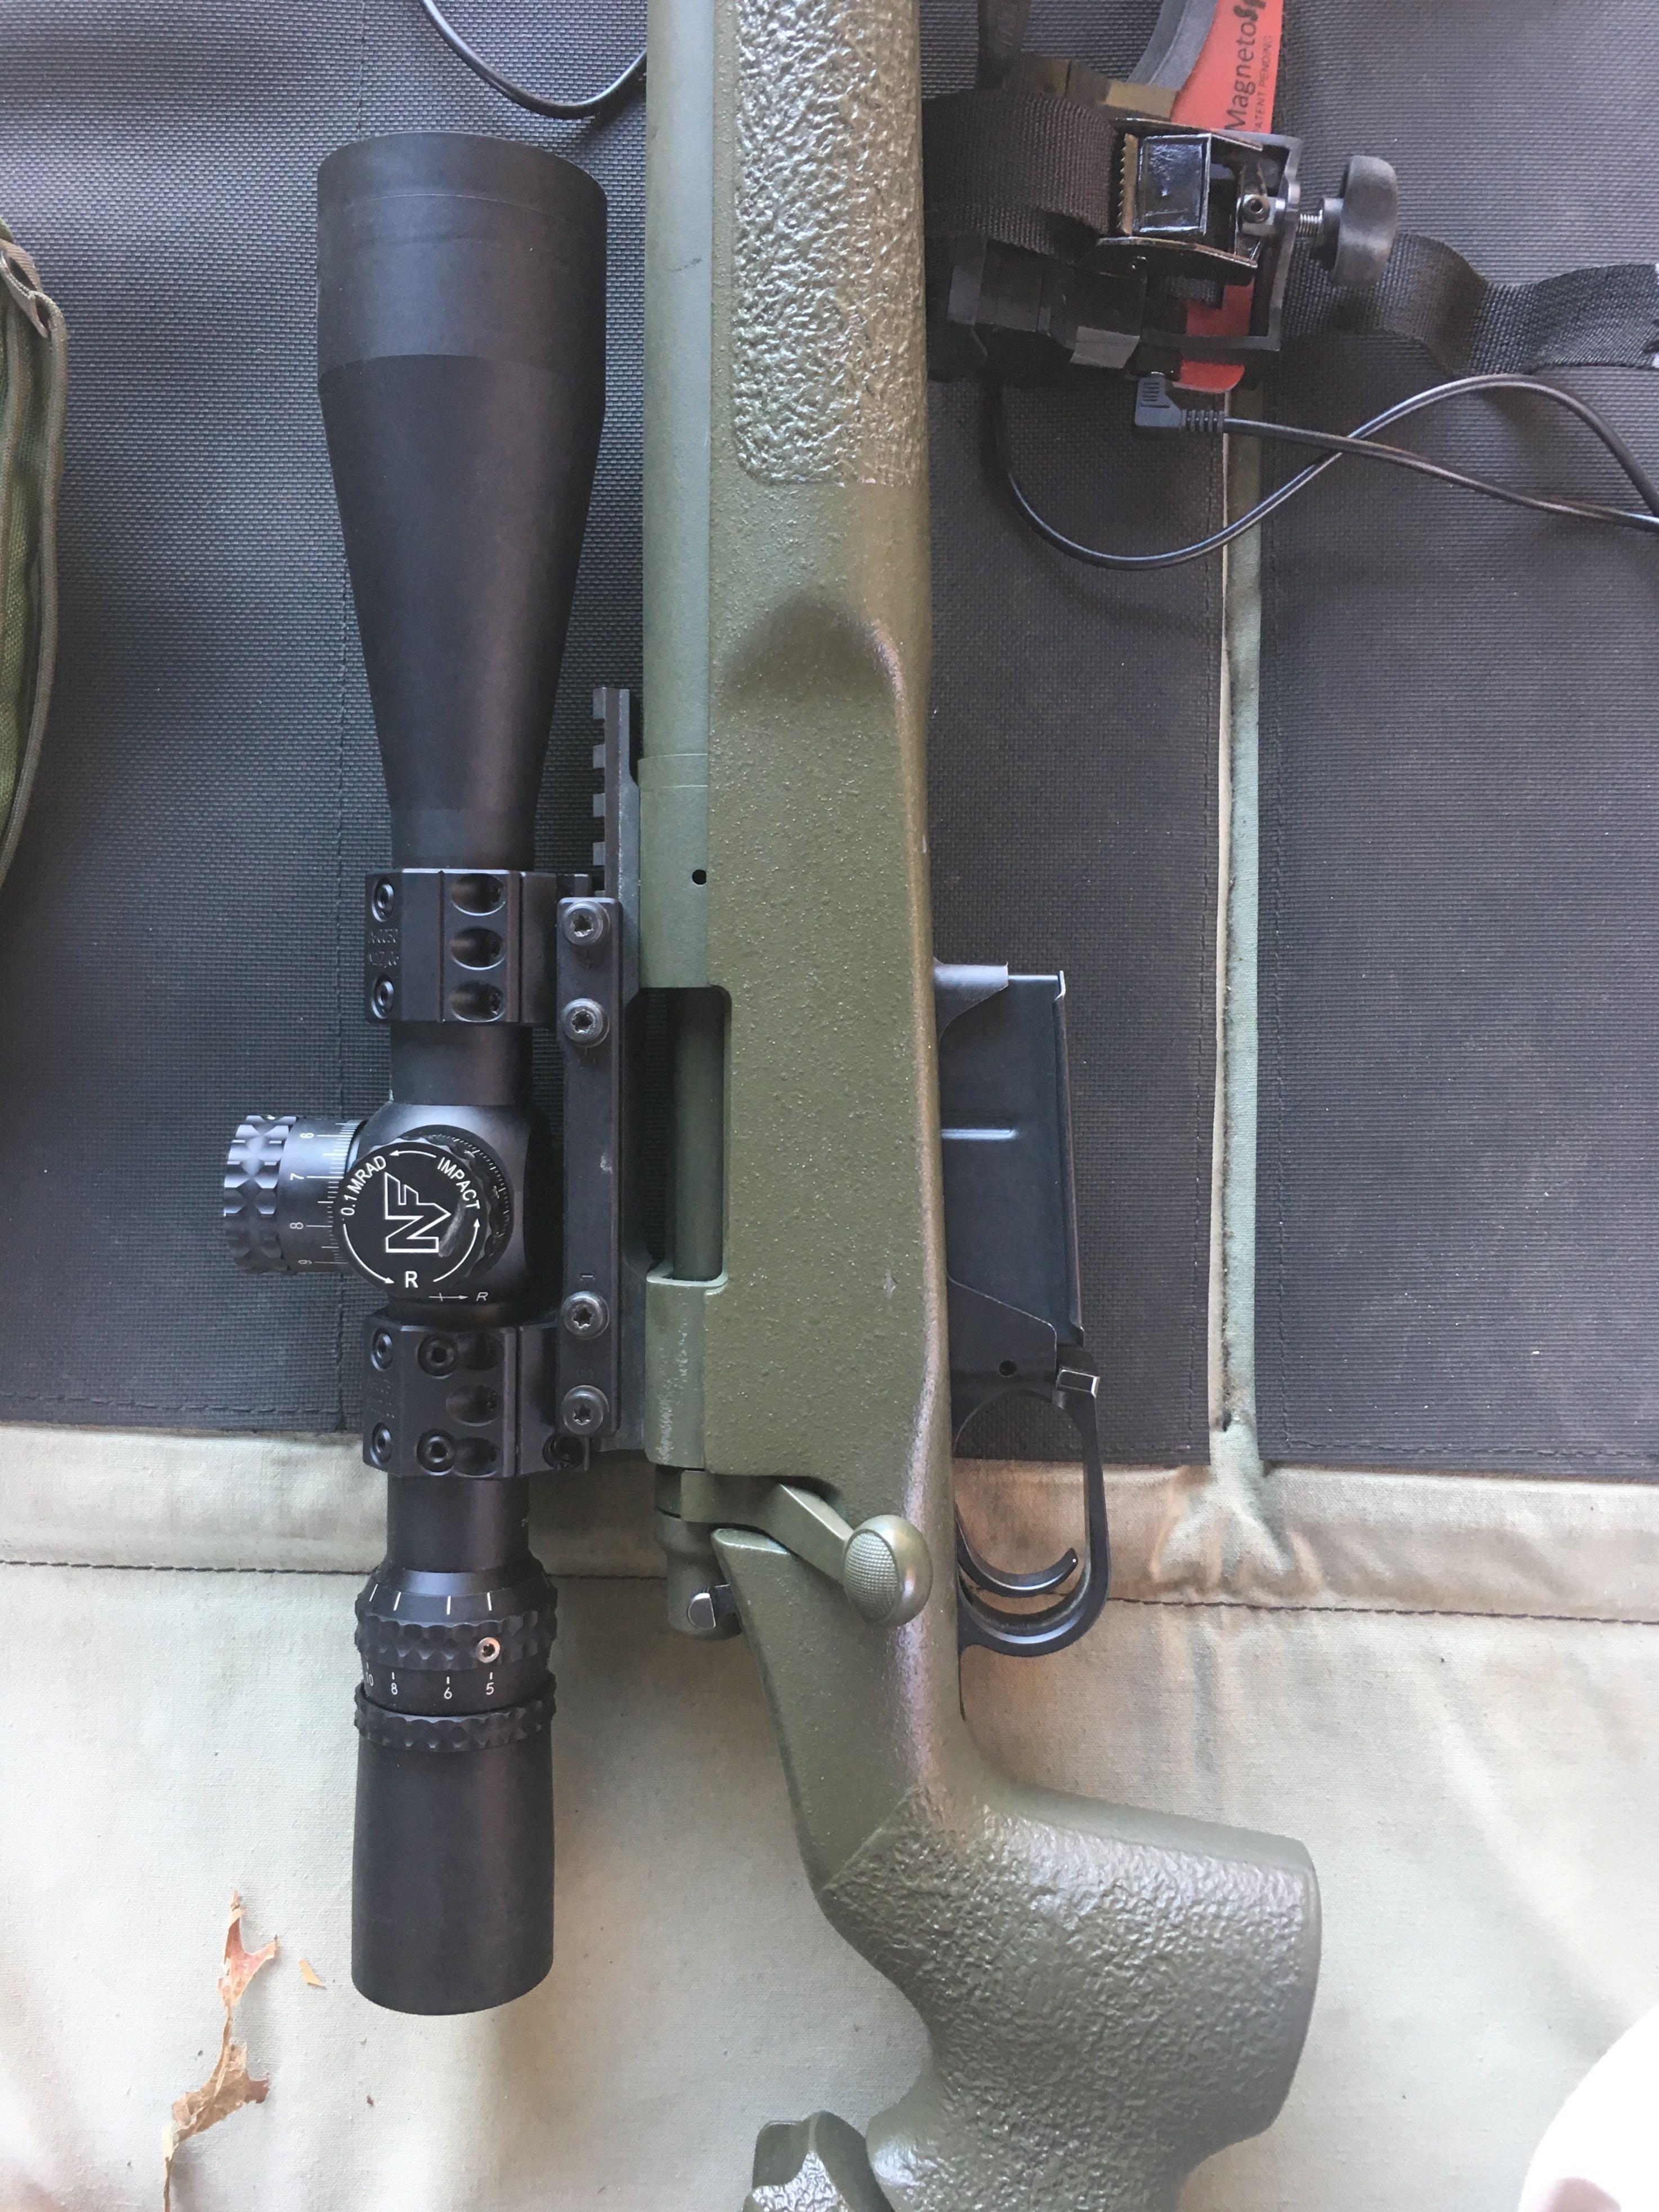 308-od-rifle-195-tmk